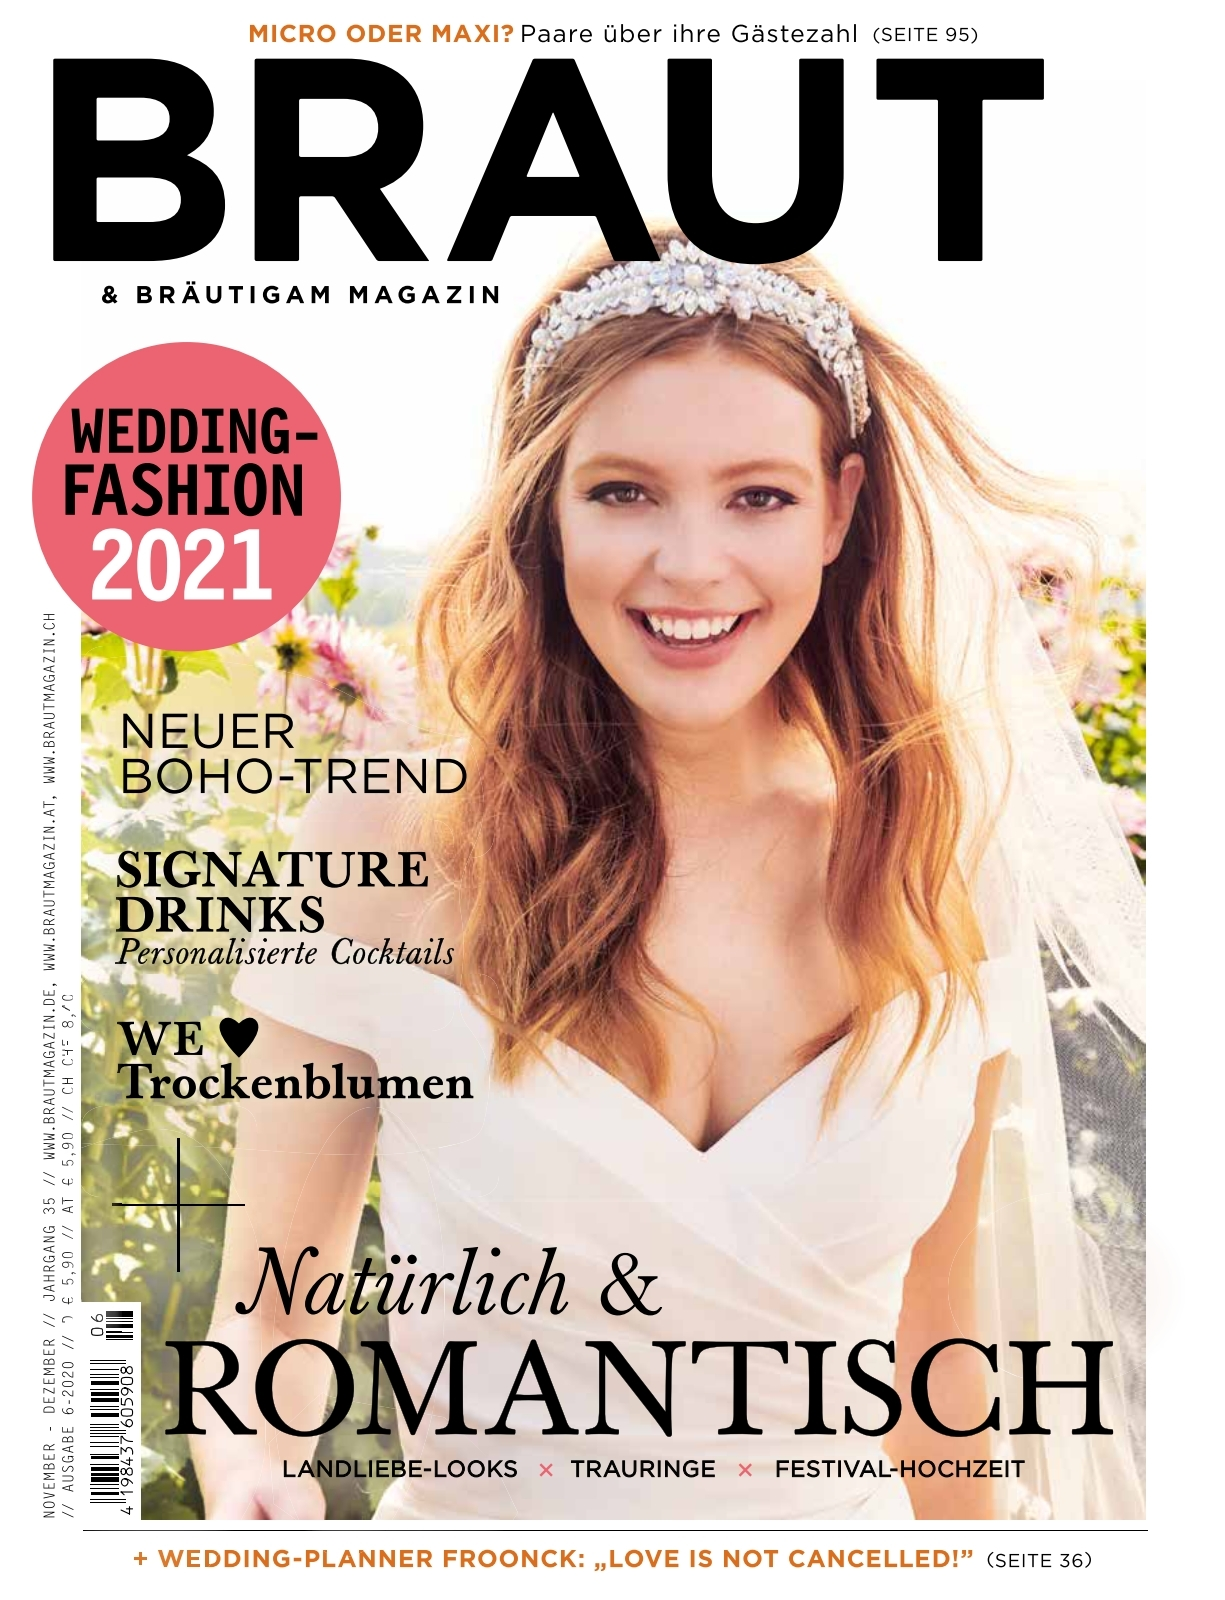 braut & bräutigam - ausgabe 06/2020